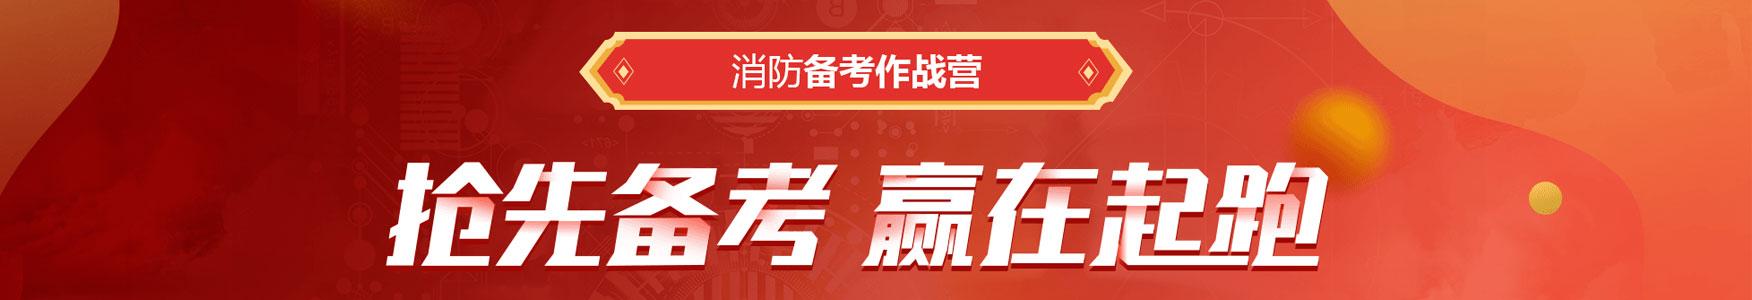 重慶優路教育